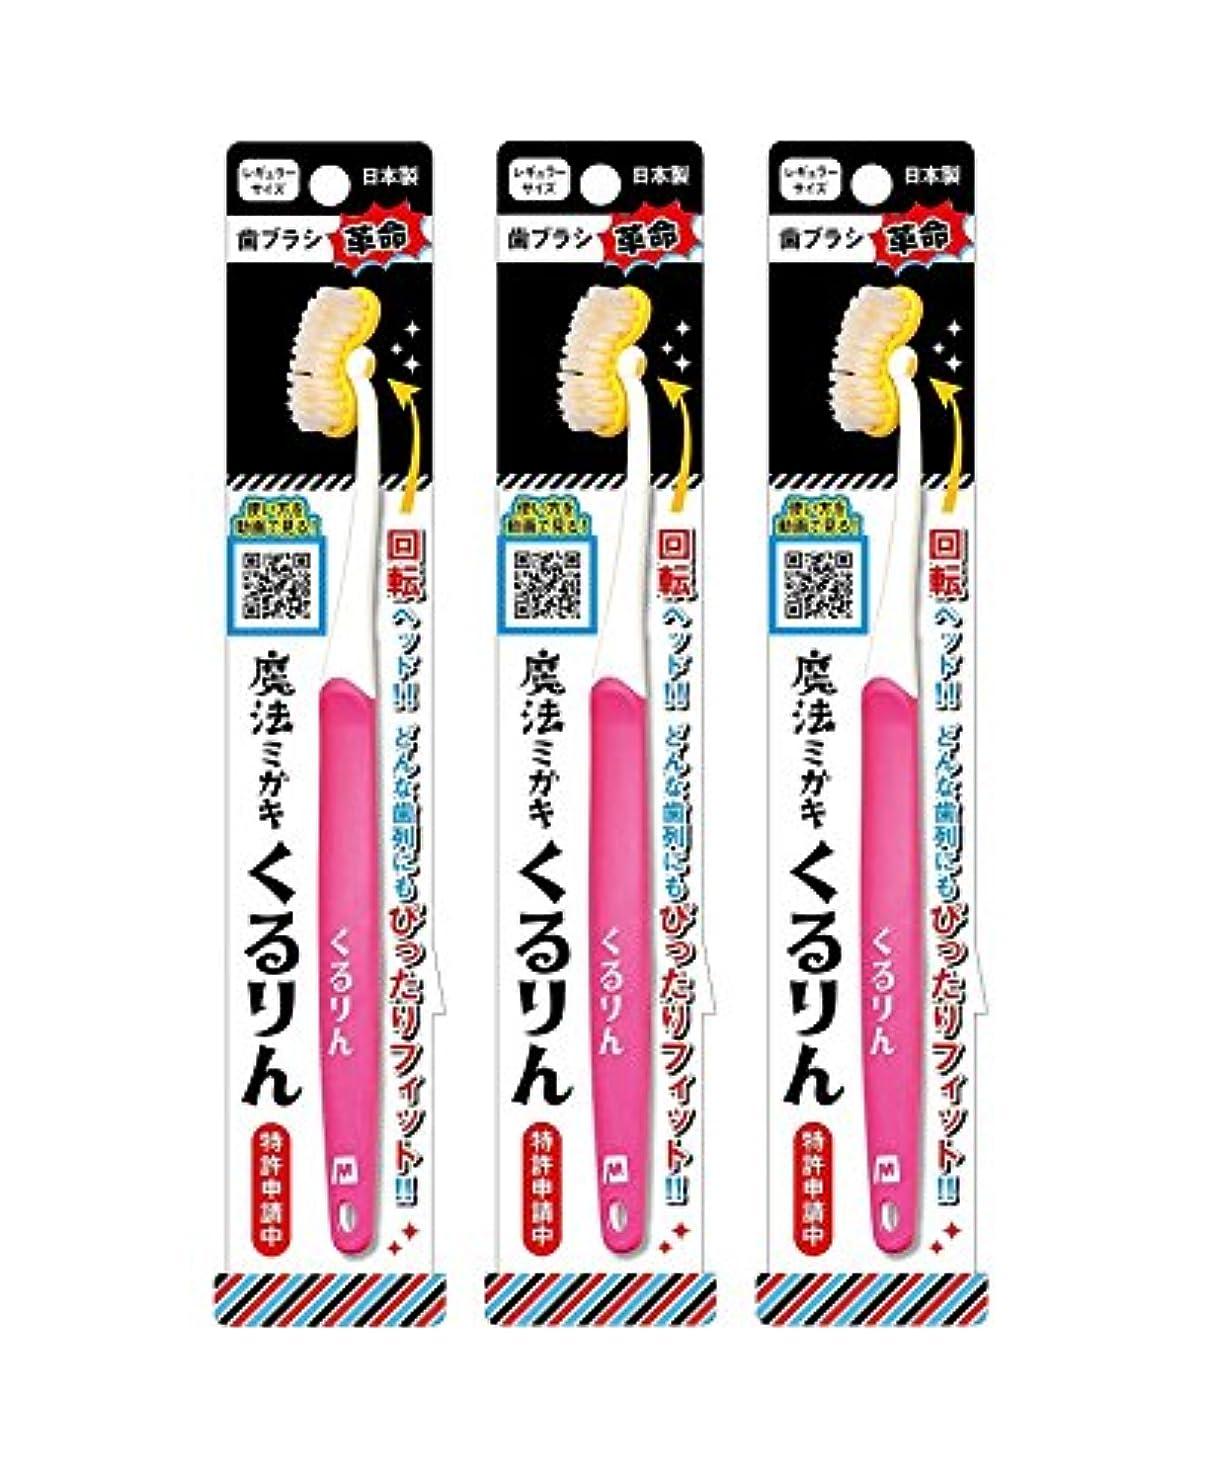 アルカイック抗議土器歯ブラシ革命 魔法ミガキくるりん MM-150 ピンク 3本セット